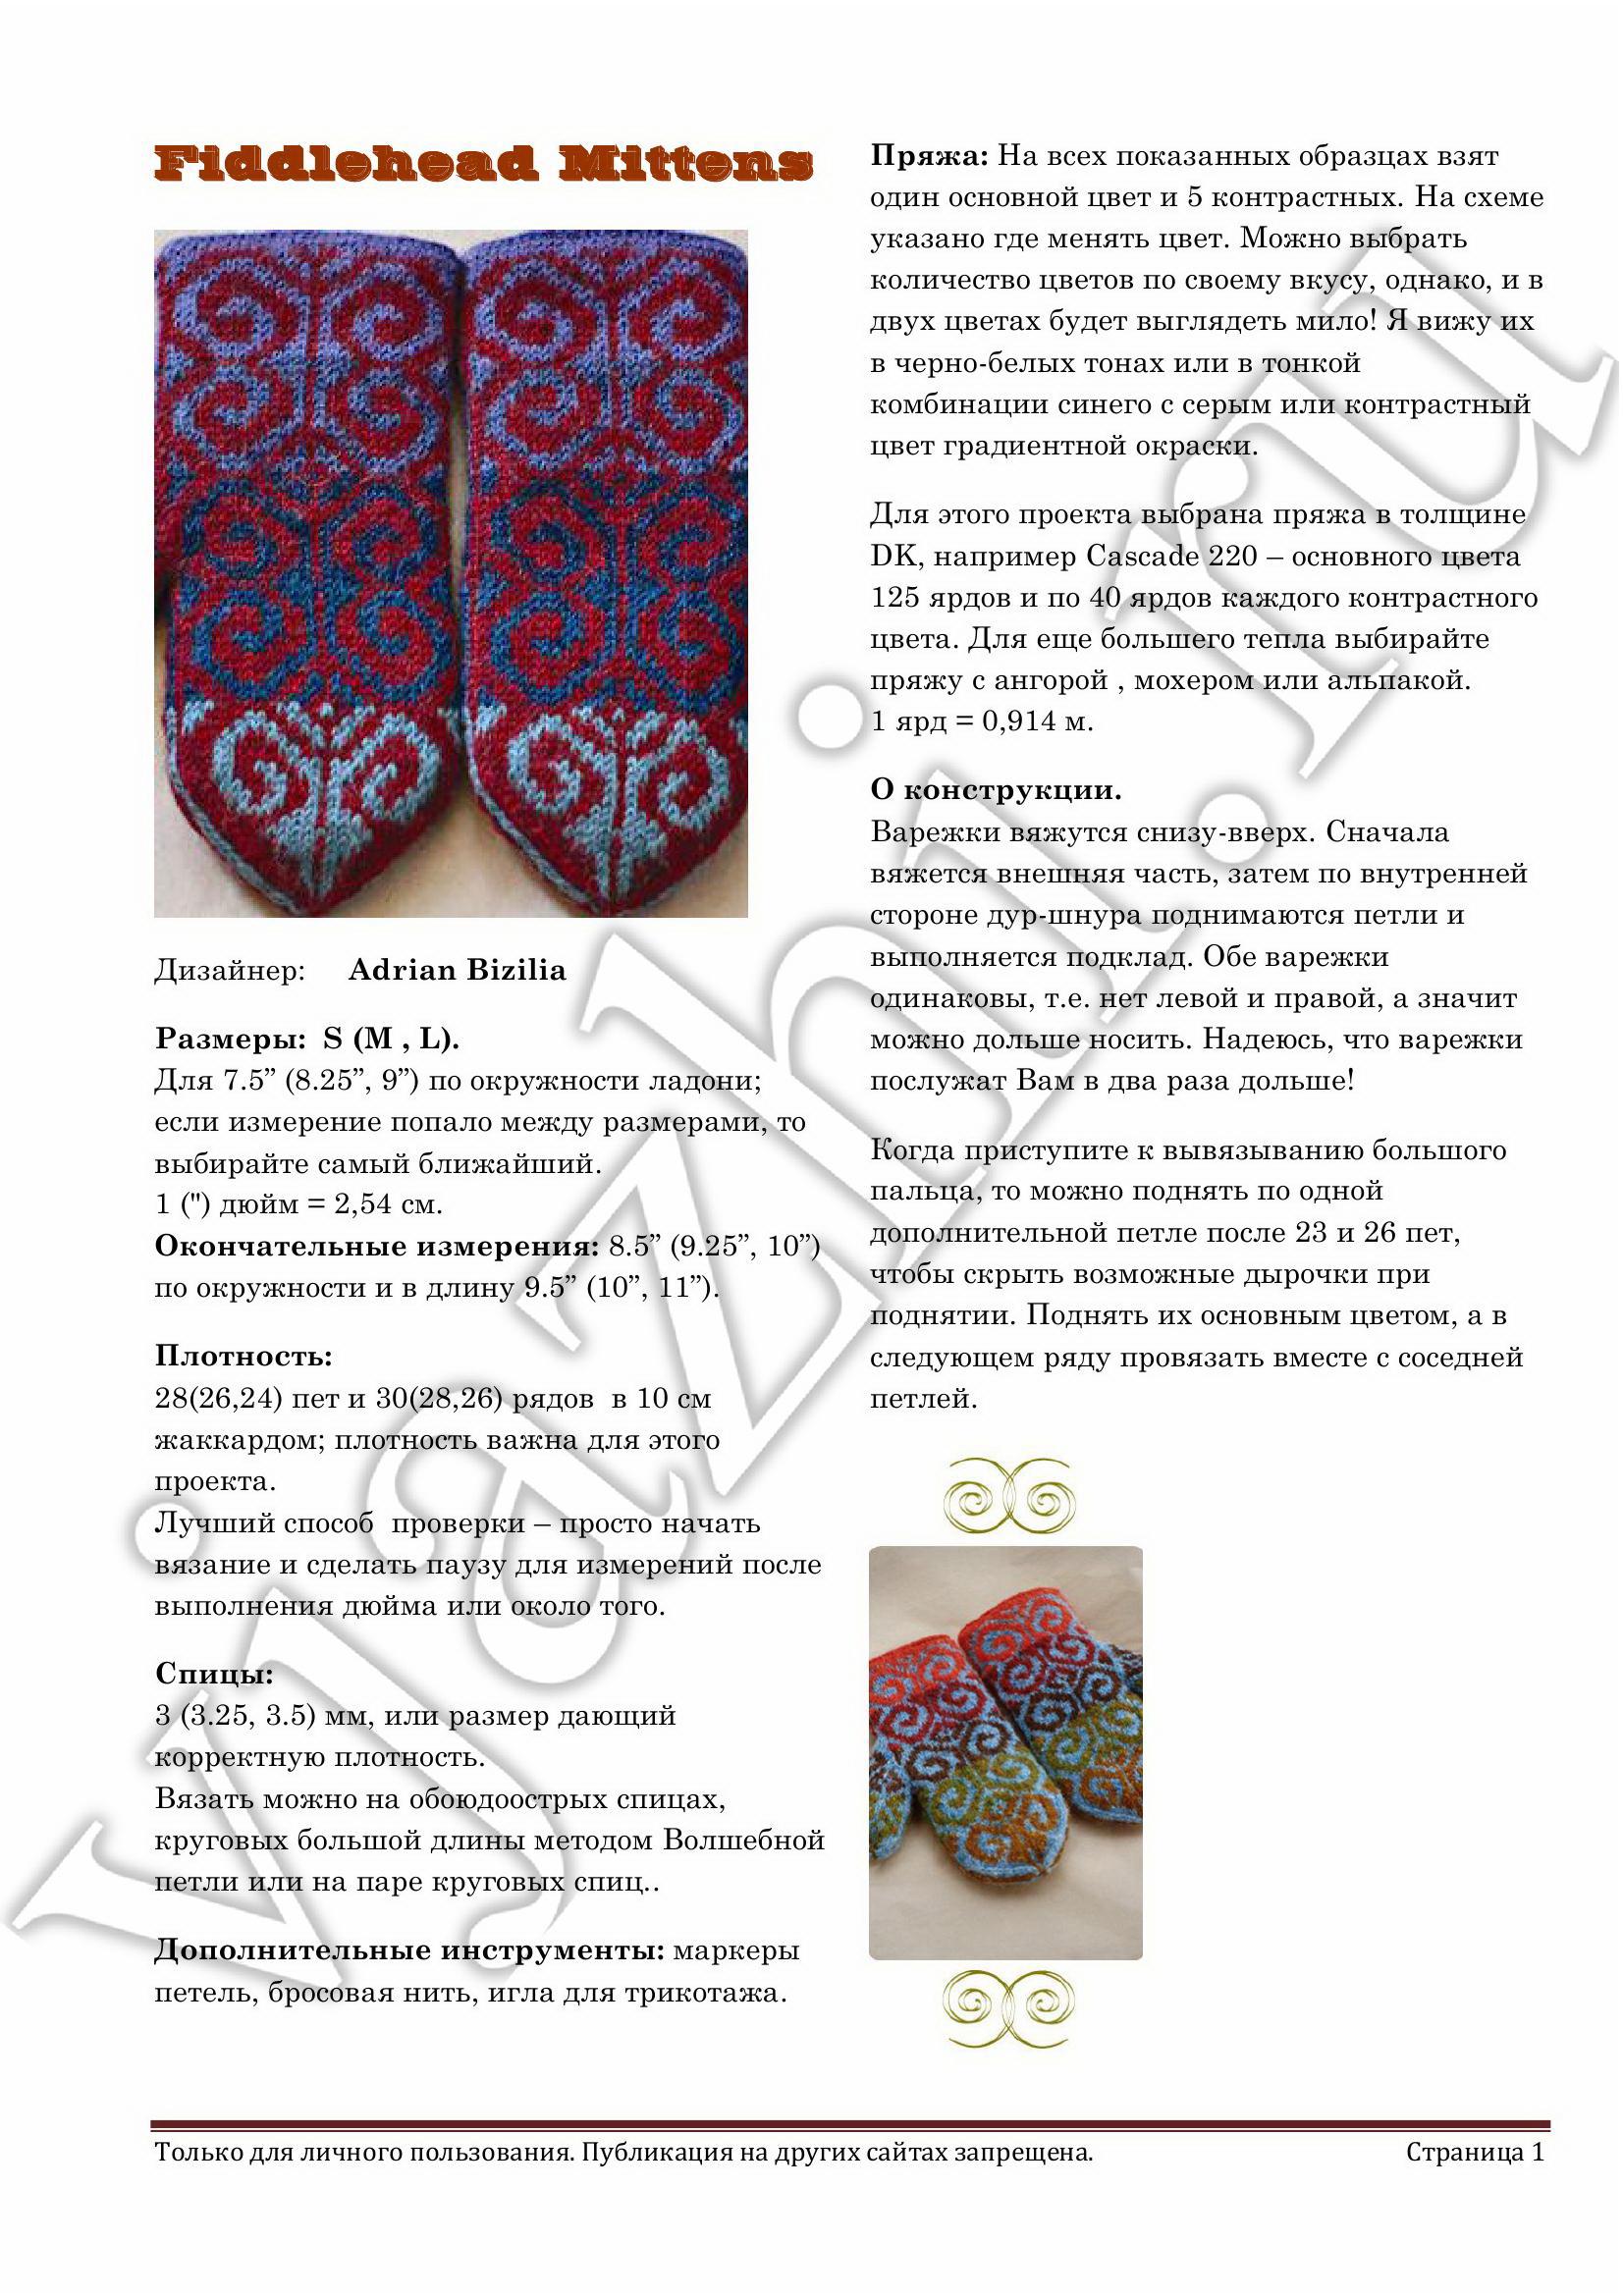 Варежки Красивые схемы для рукавиц  Дамская копилка